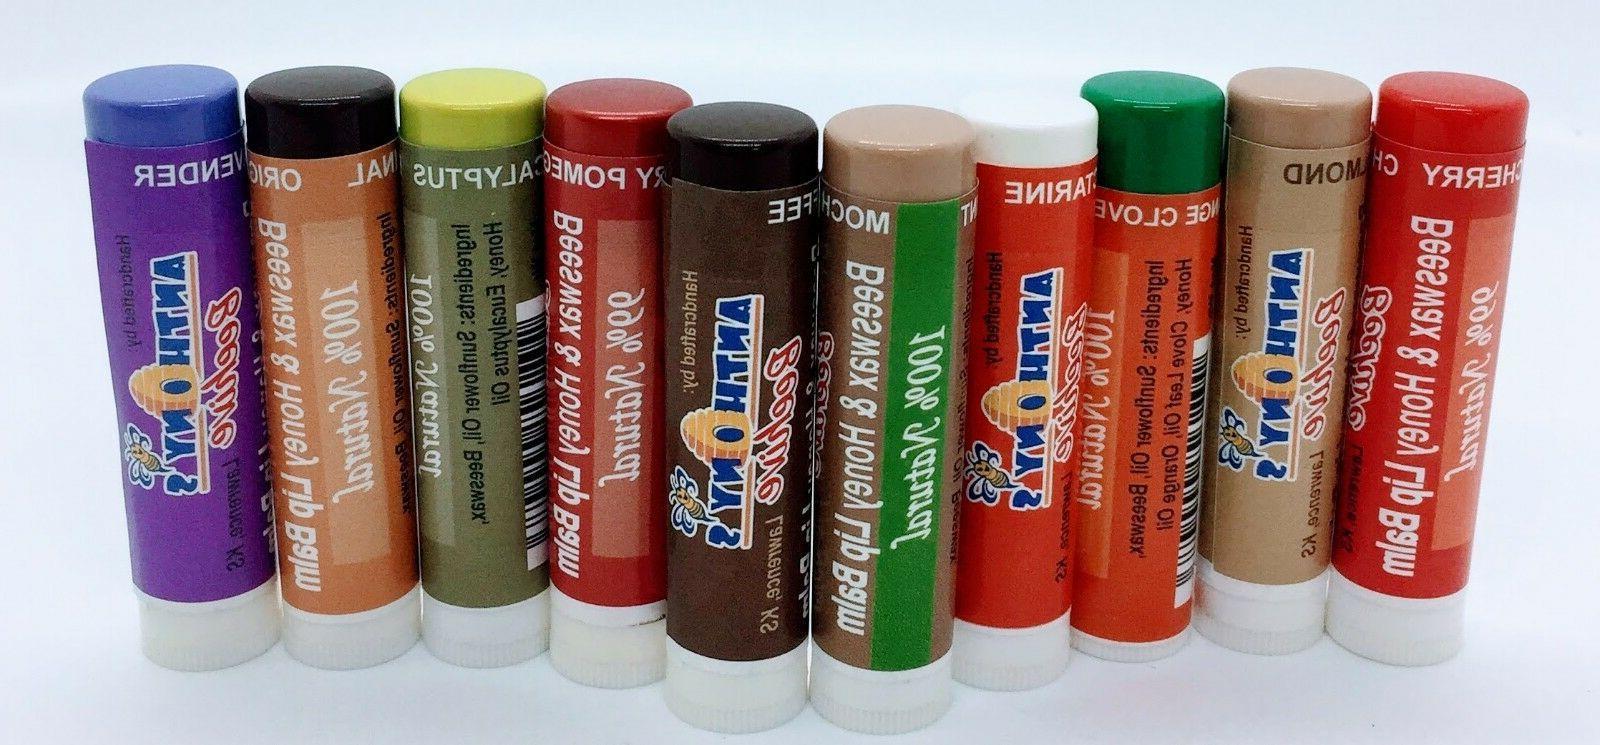 natural beeswax and honey lip balm tube